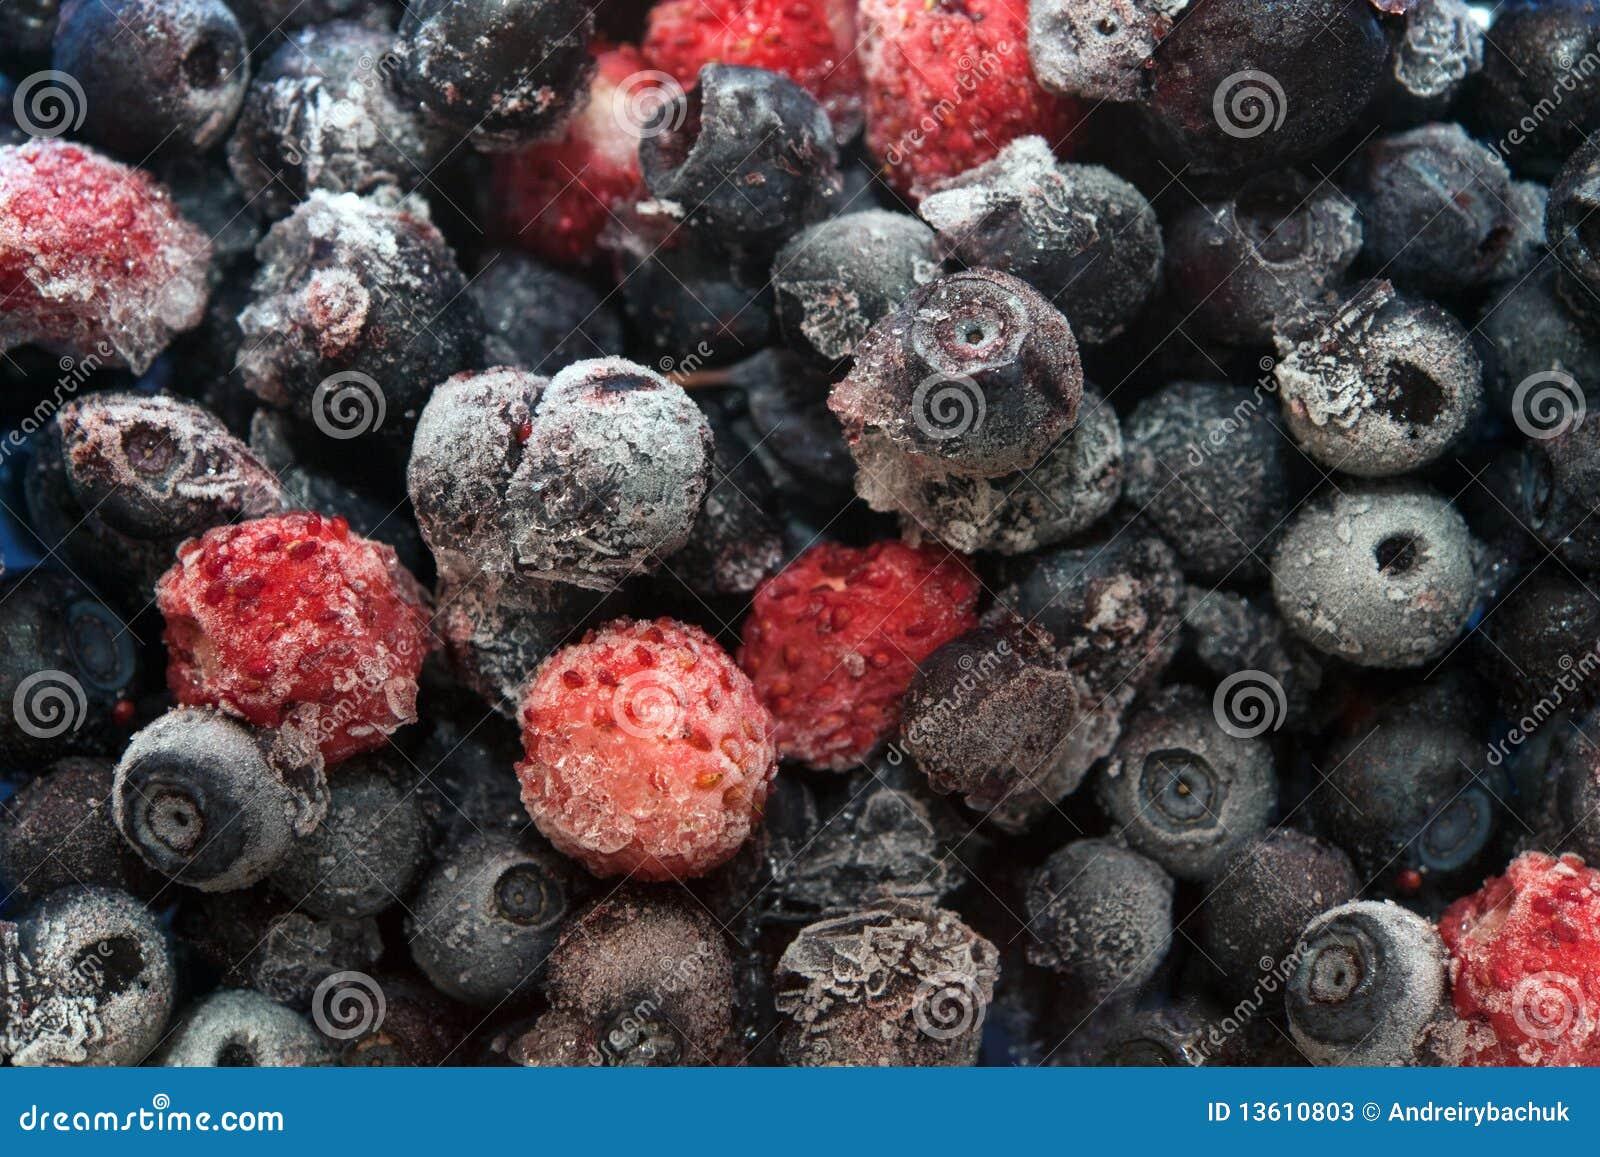 how to serve frozen berries